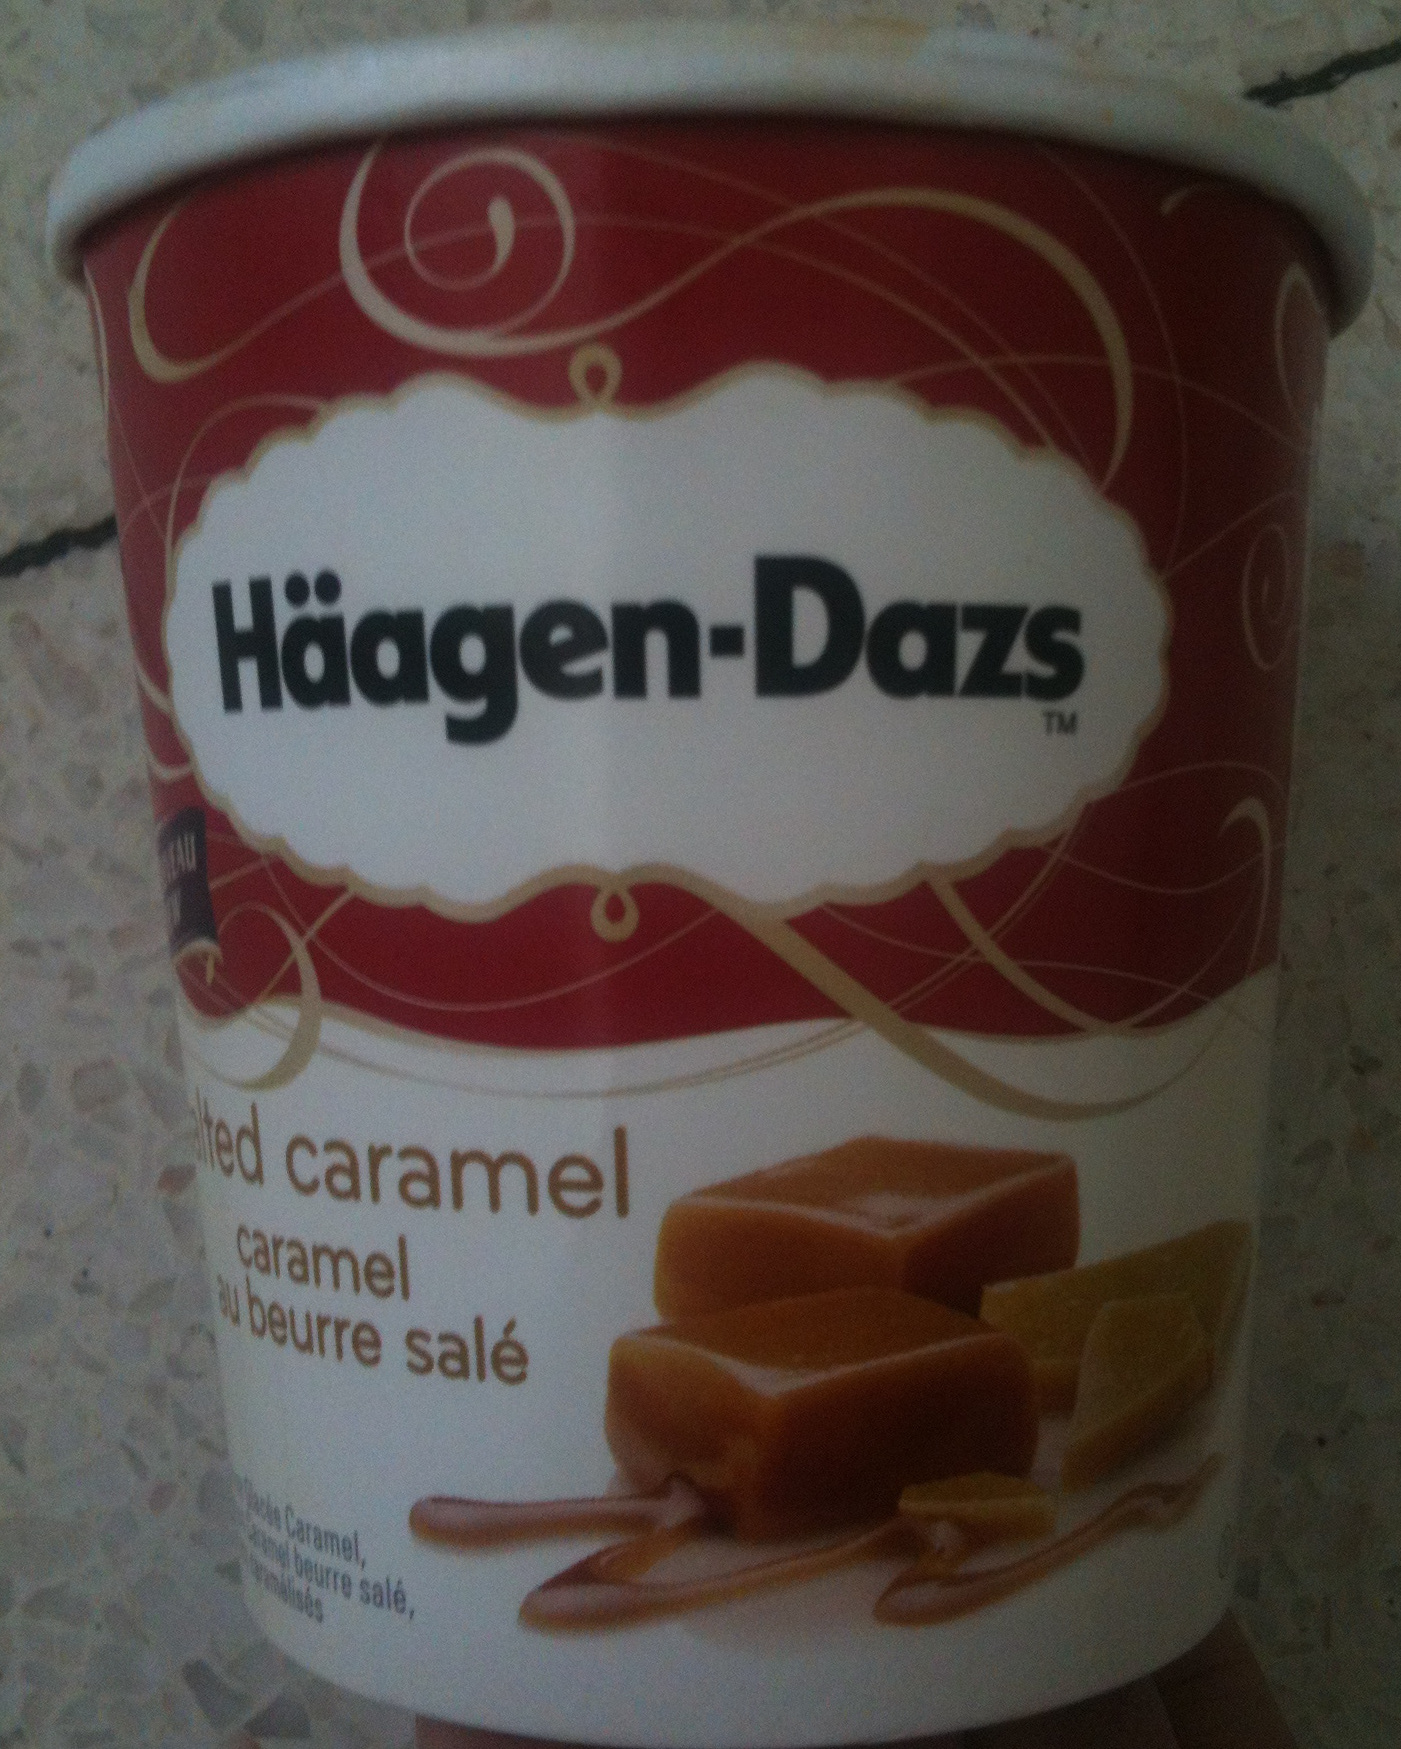 Häagen-Dazs - Salted Caramel (Caramel au beurre salé) - Product